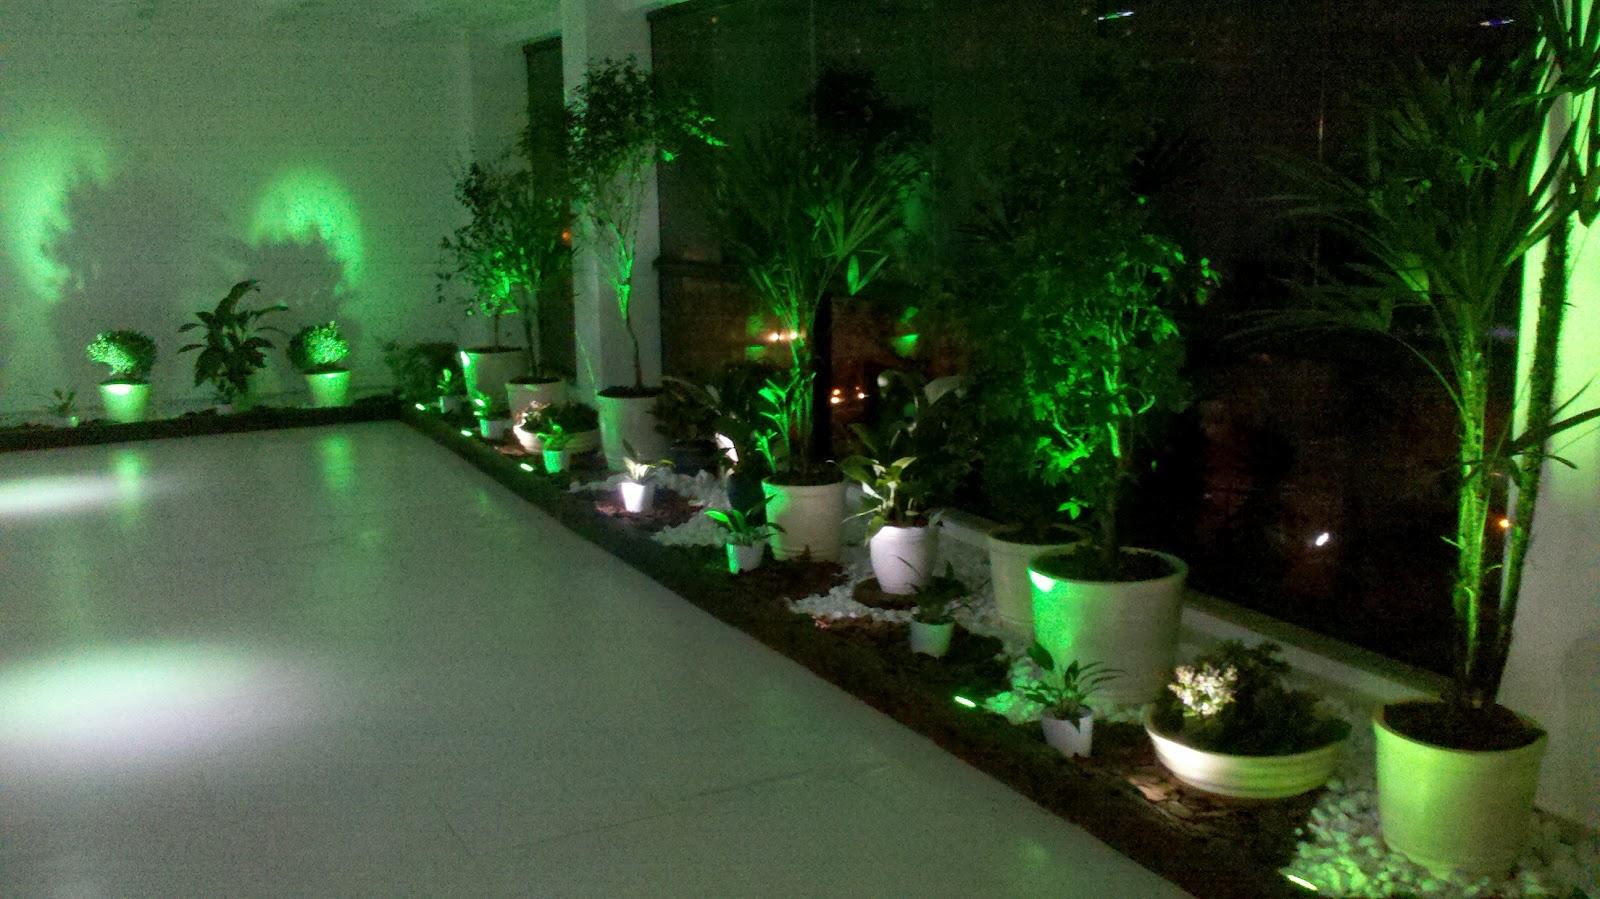 instalacao de iluminacao no jardim ? Doitri.com